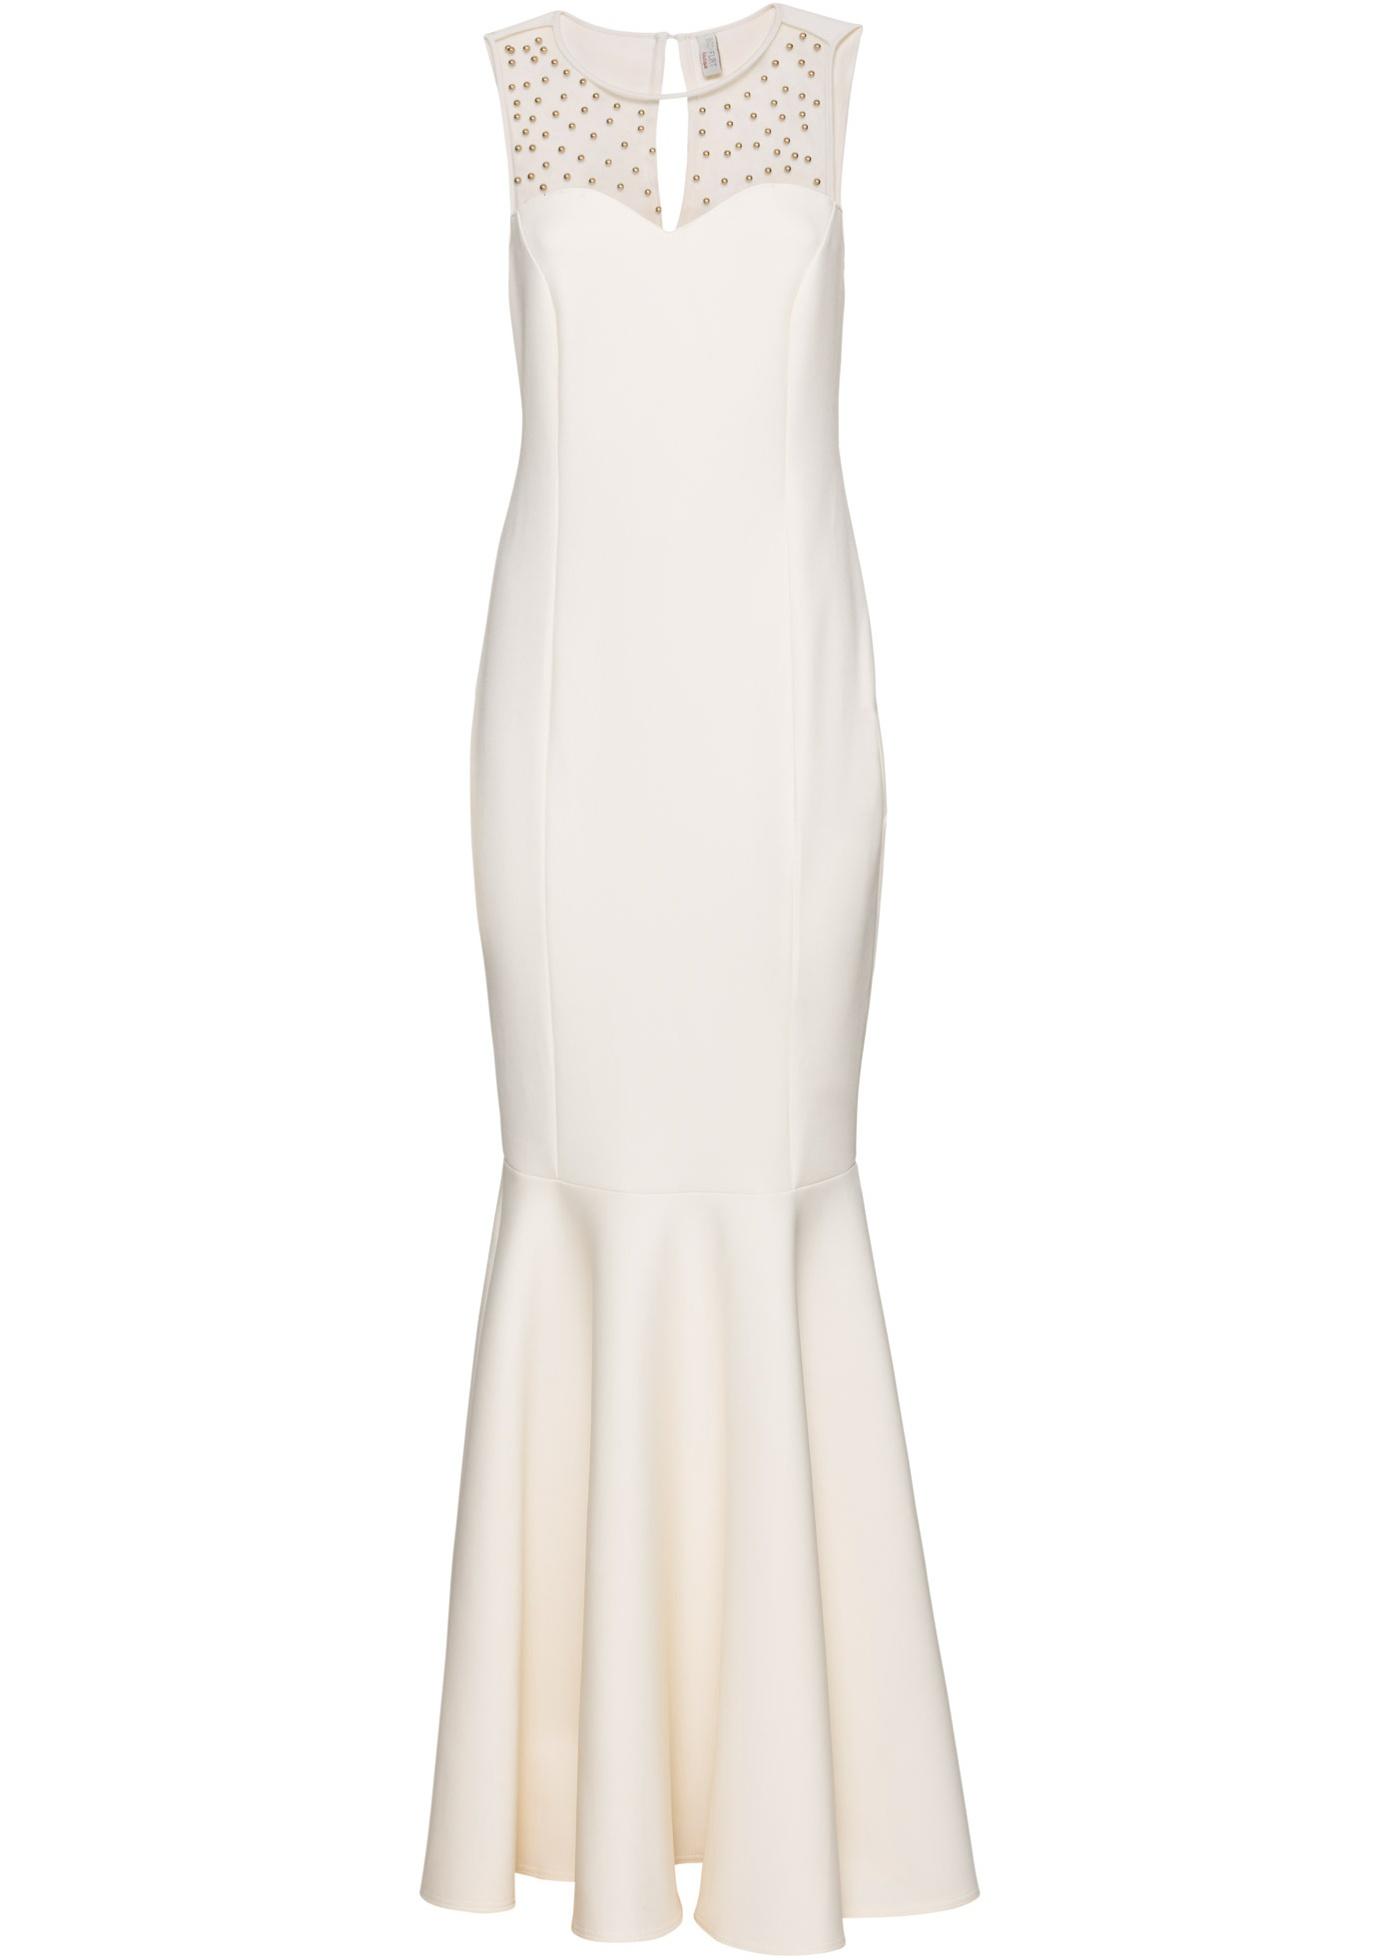 Kjole med broderte perler